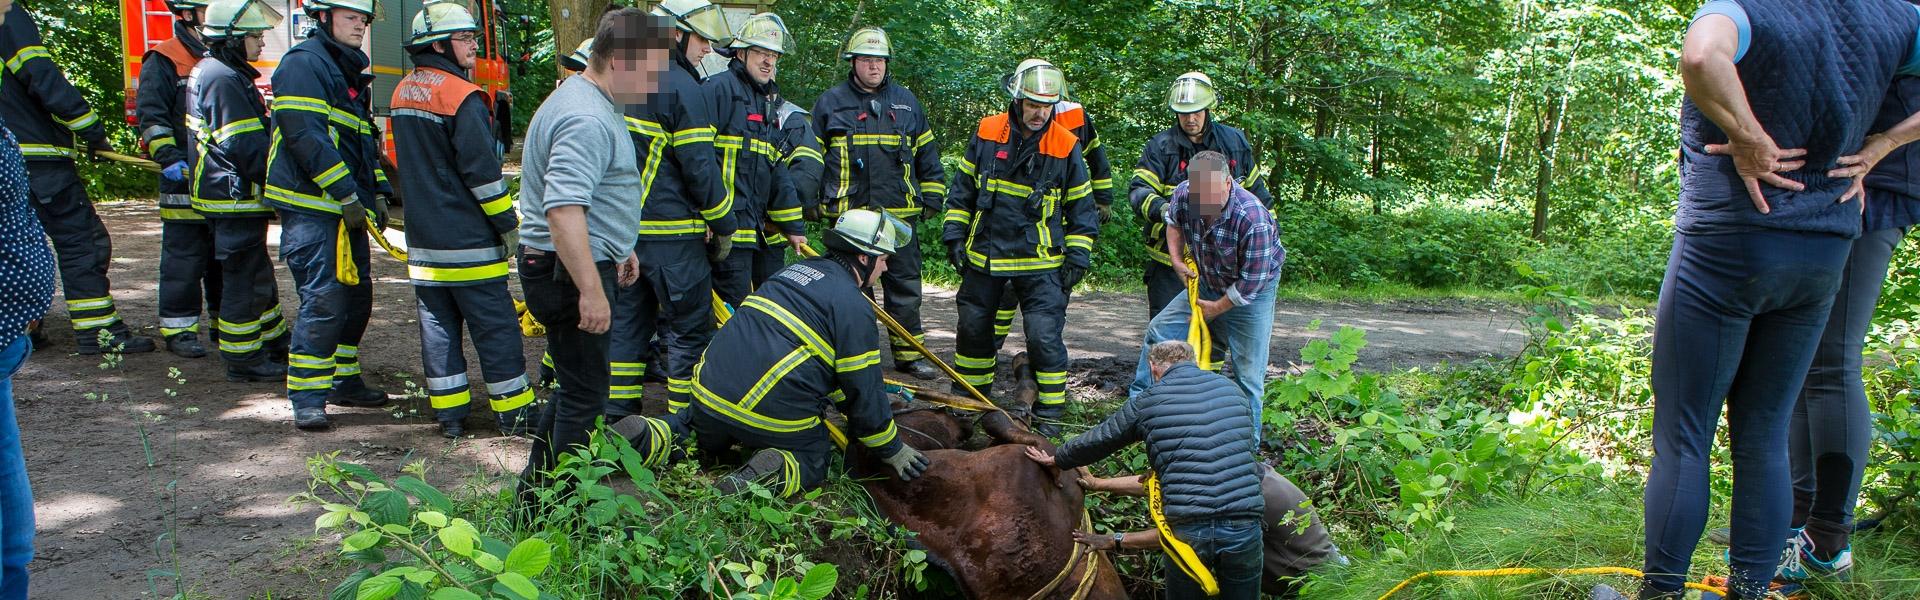 17.06.2017- Frau stürzt mit Pferd in Graben